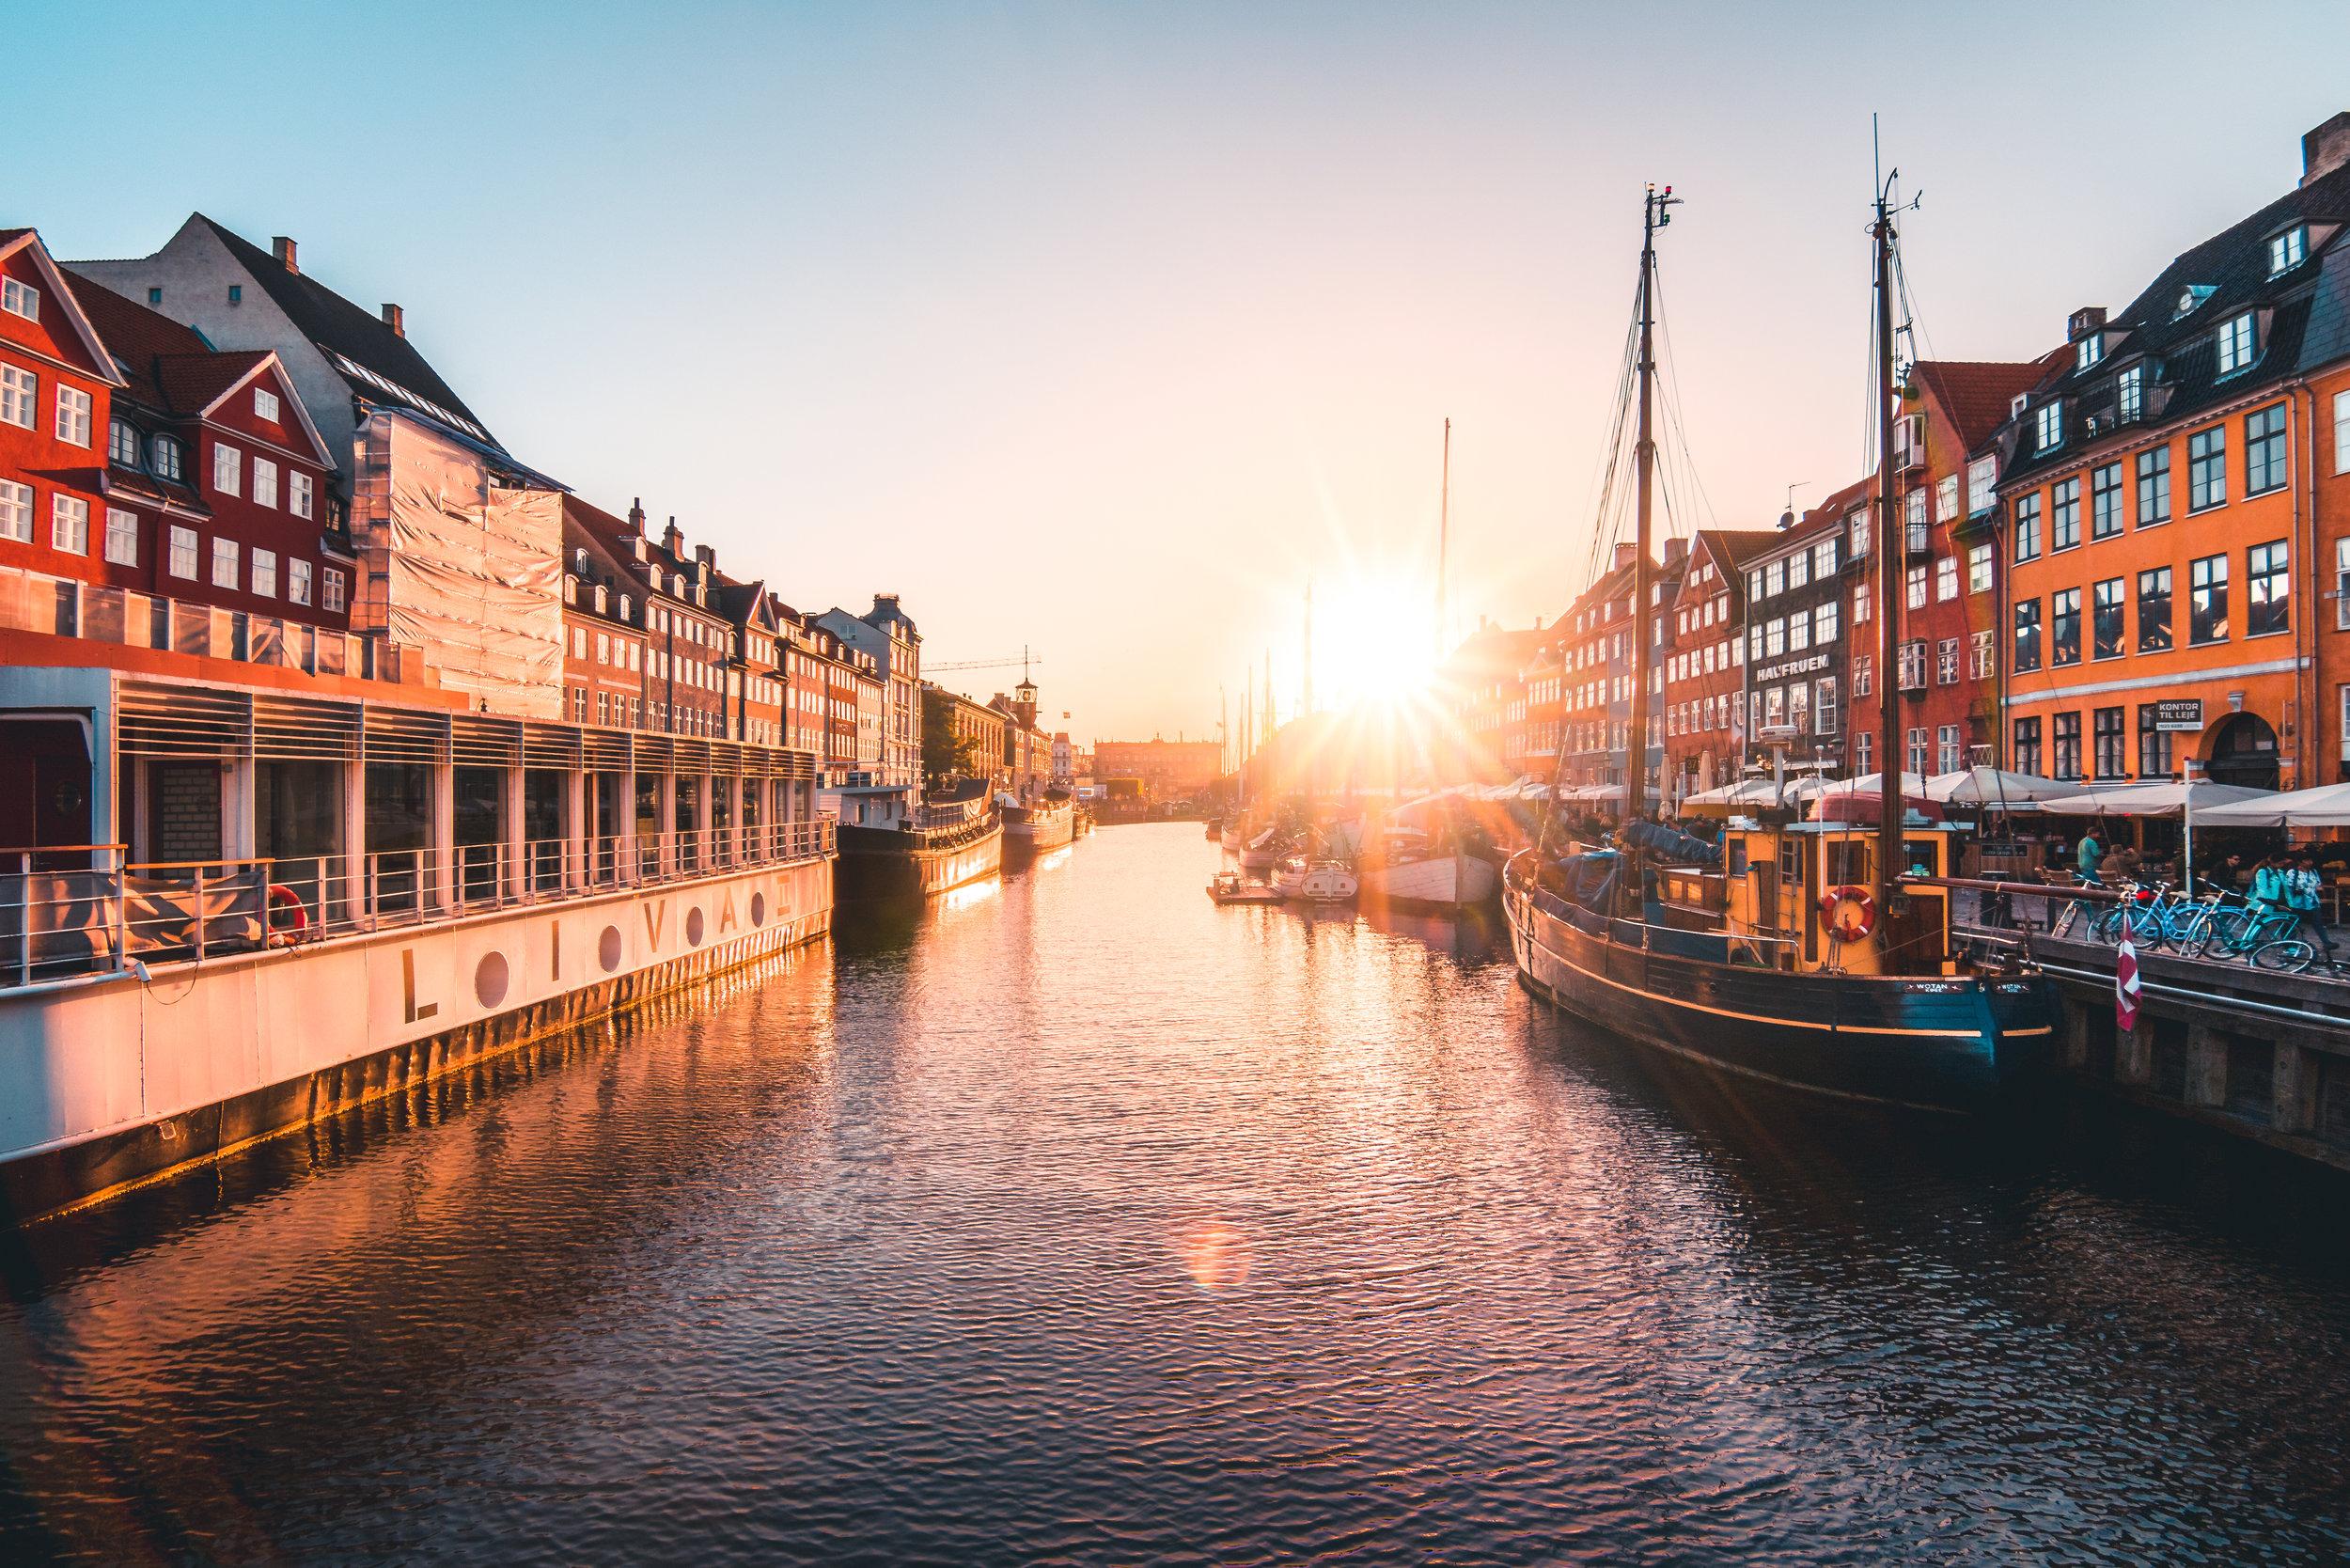 Evening in Nyhavn